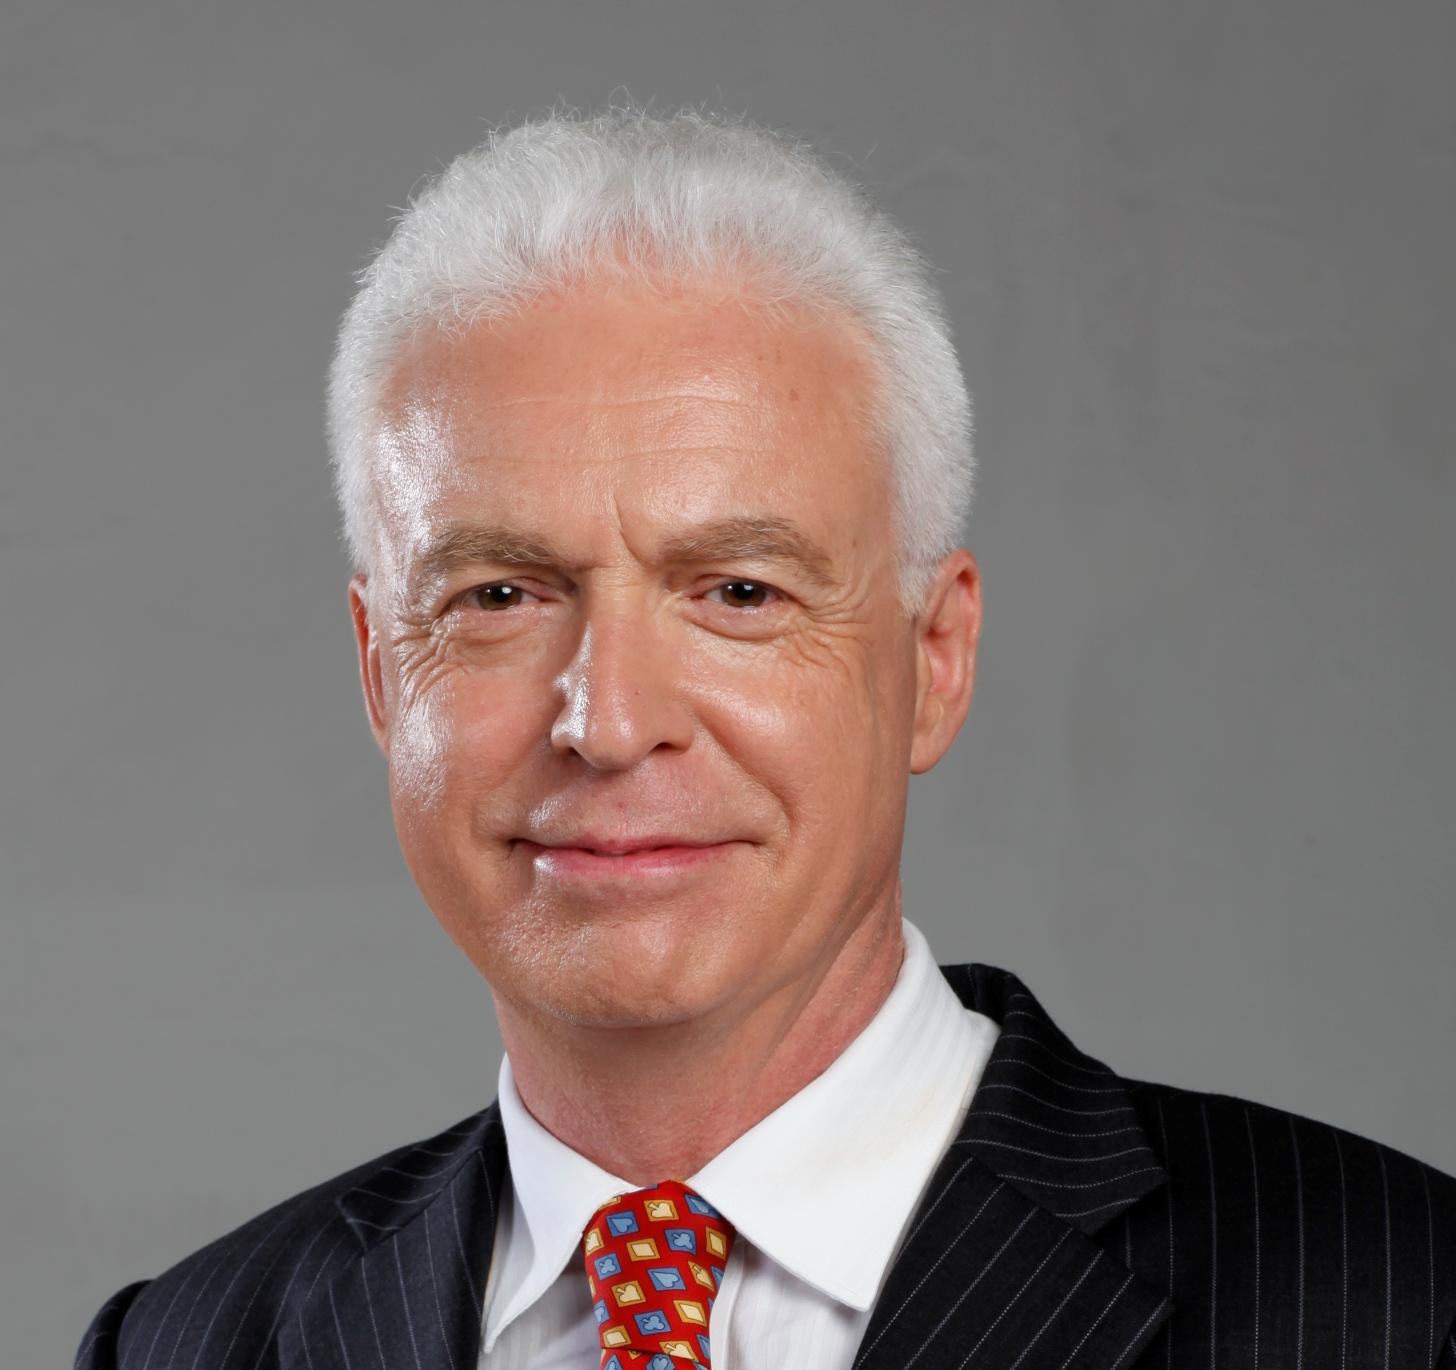 Dr. David Webber